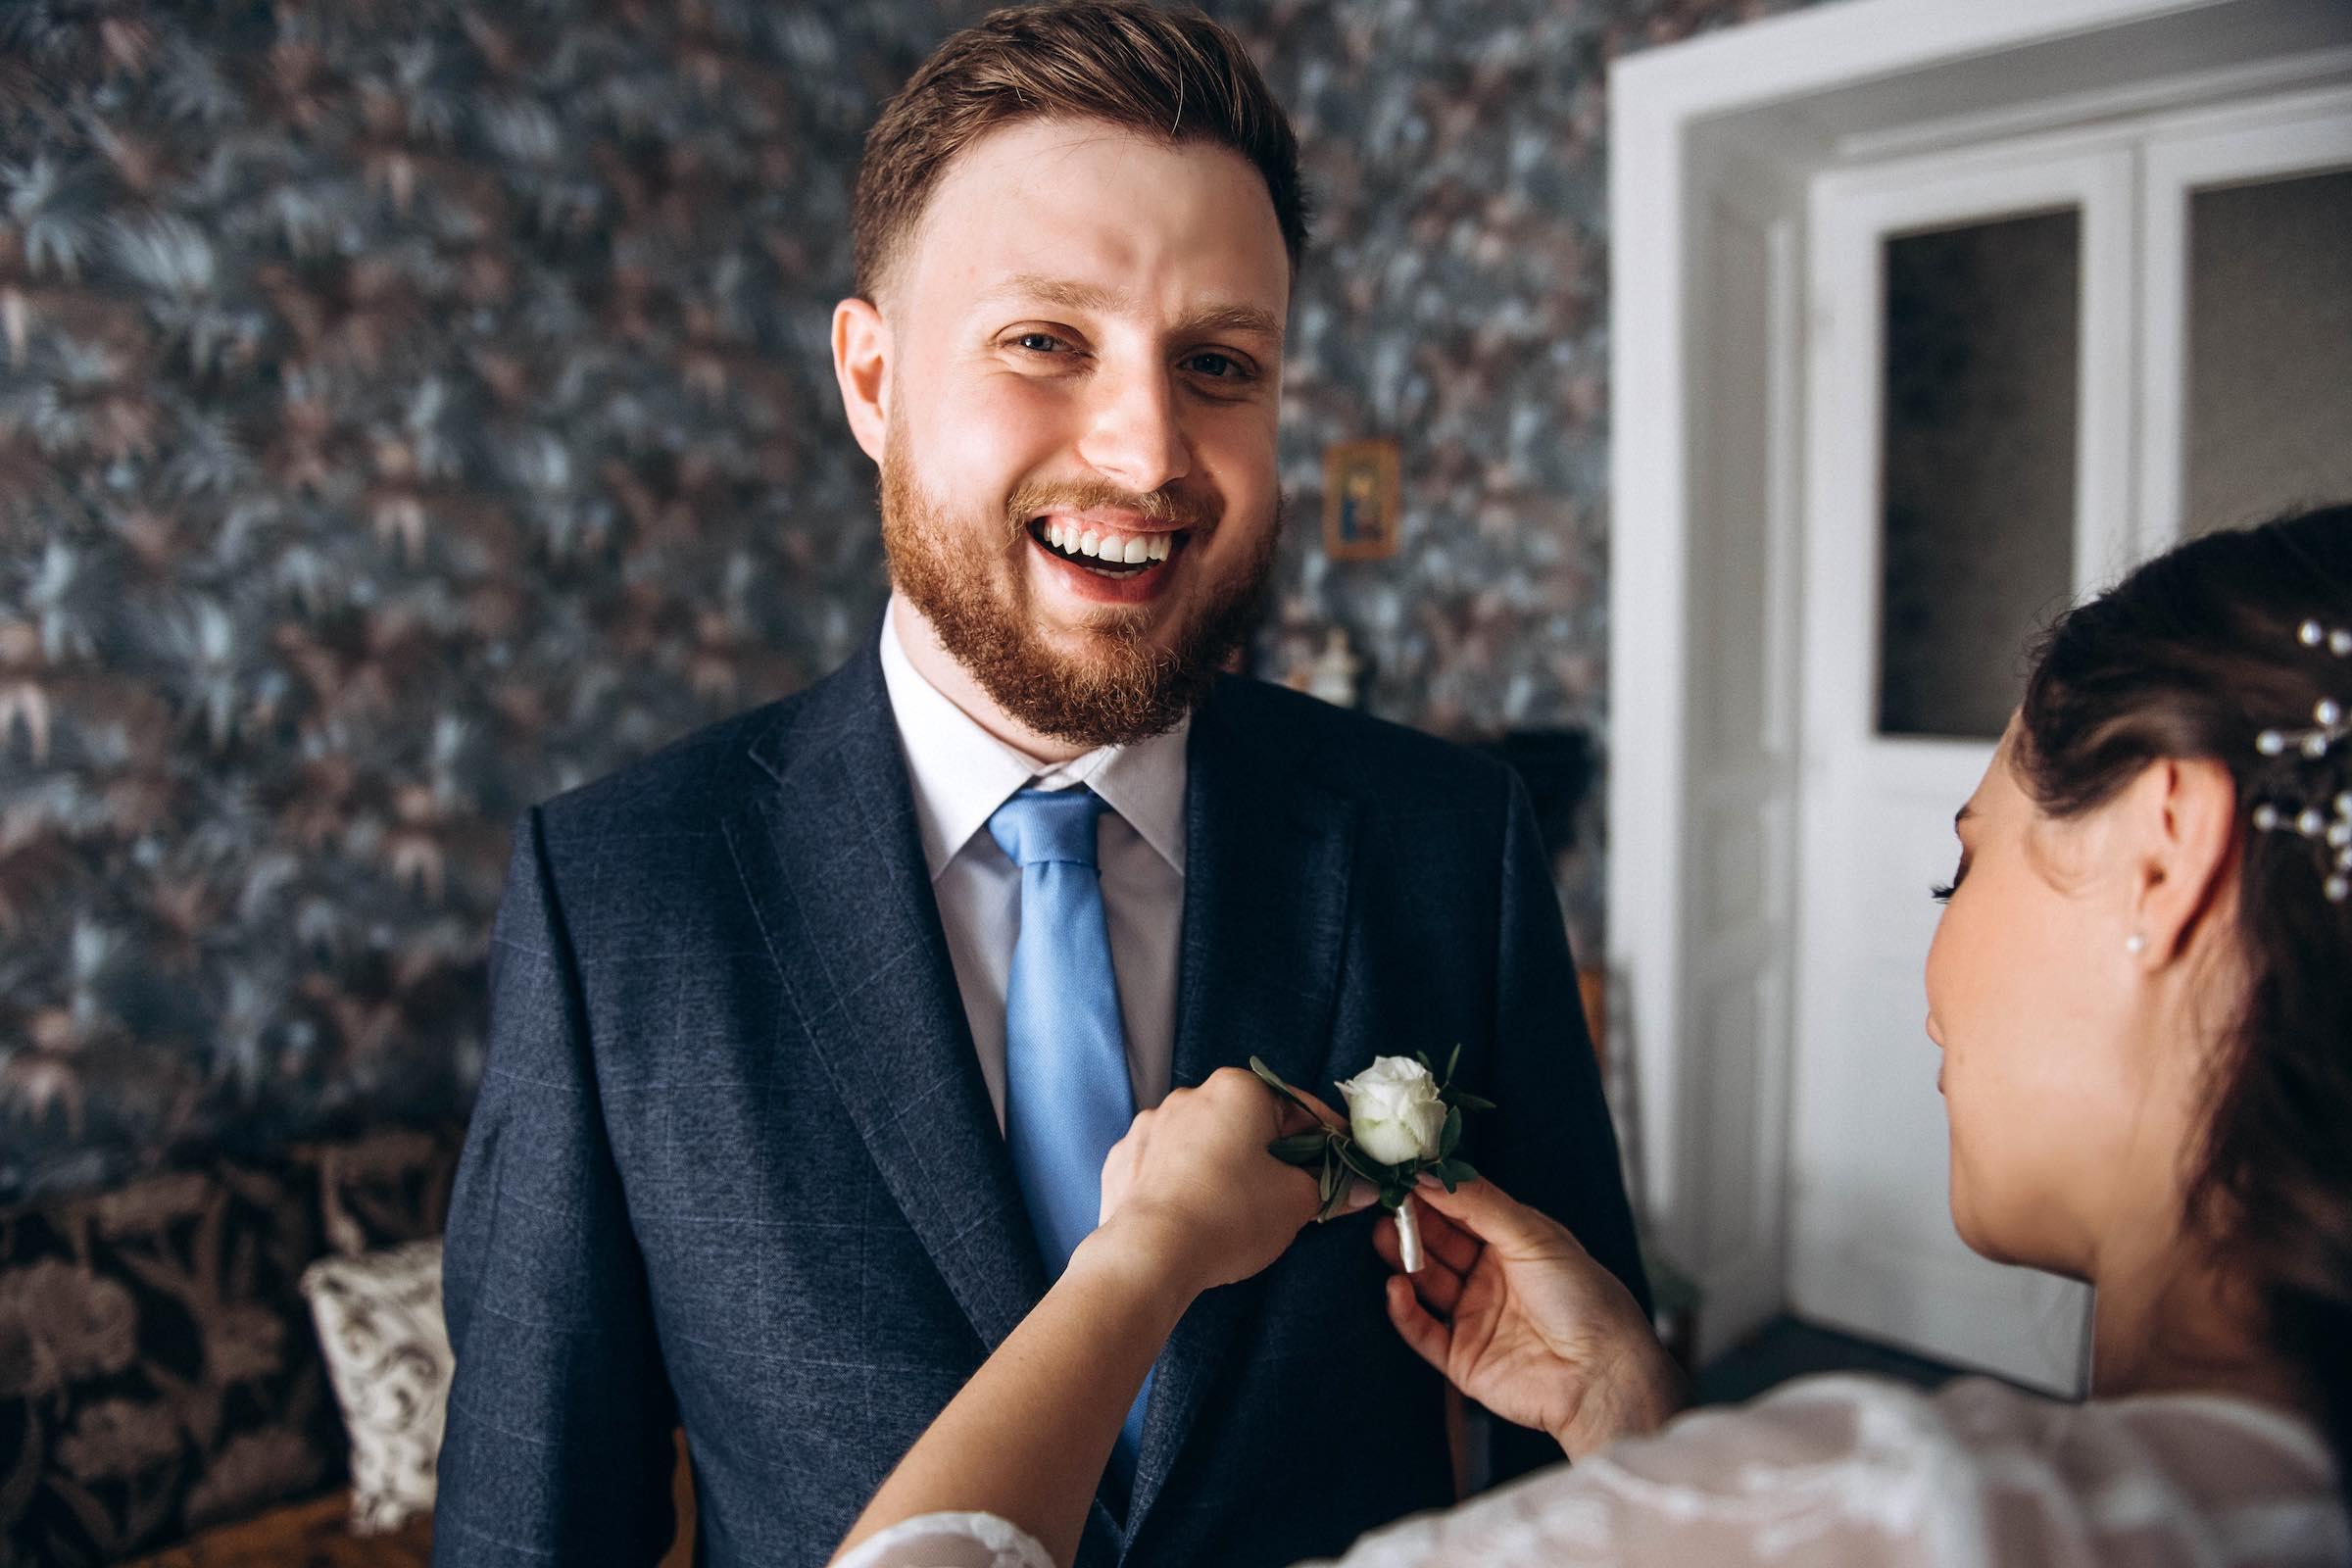 Hochzeitsfotografie | Paarshooting | Hannover | Fotograf | Hochzeit | Hameln | Mieten | Buchen | Lehmann | Eventservice